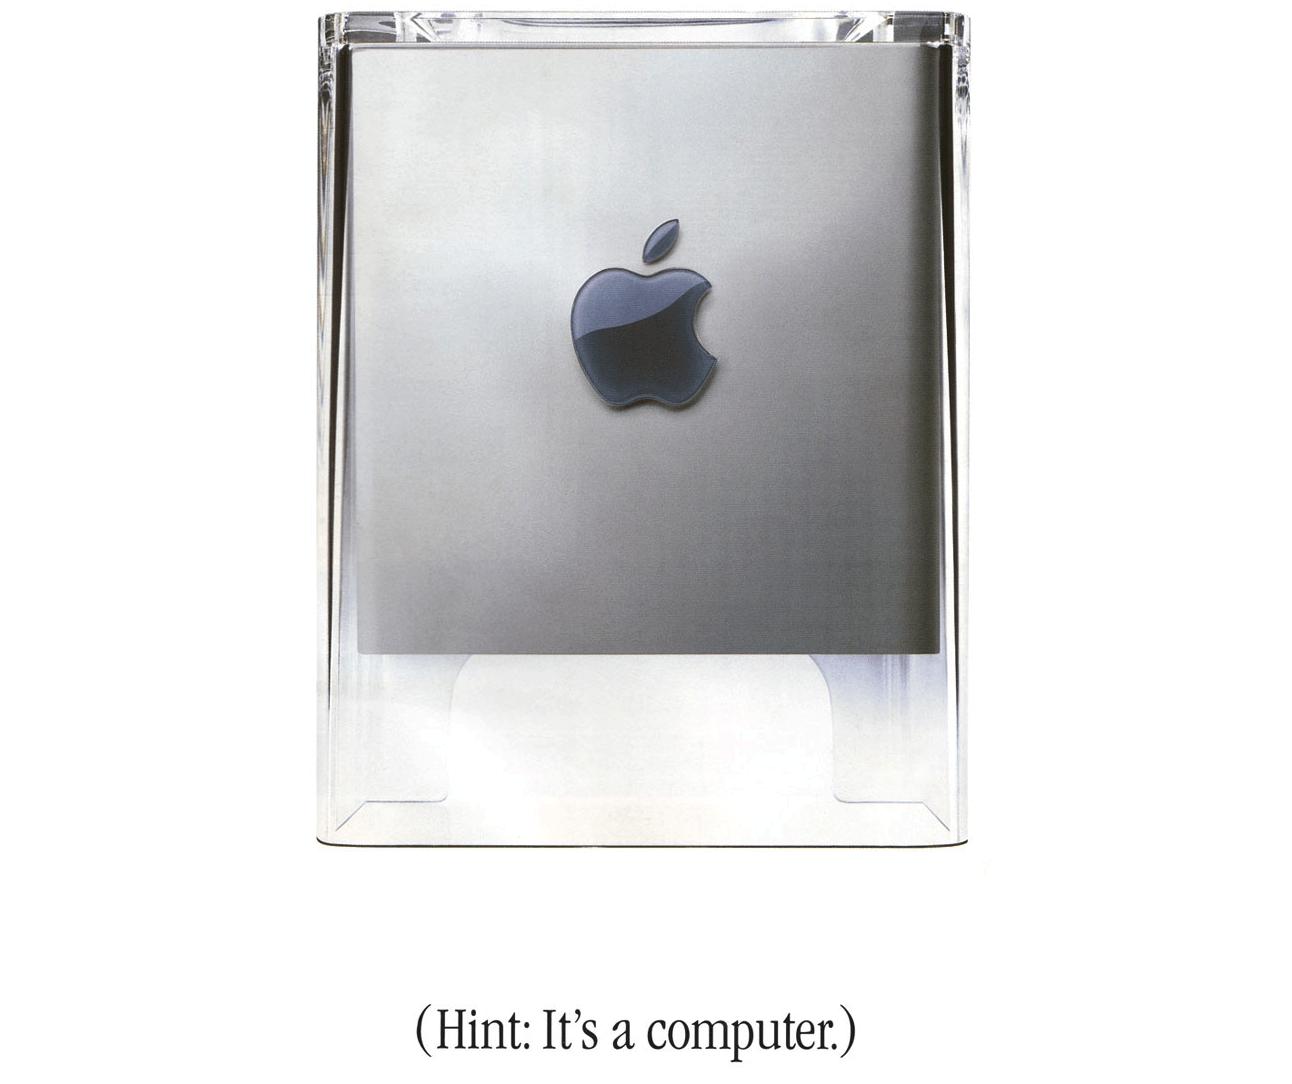 Mac G4 Cube